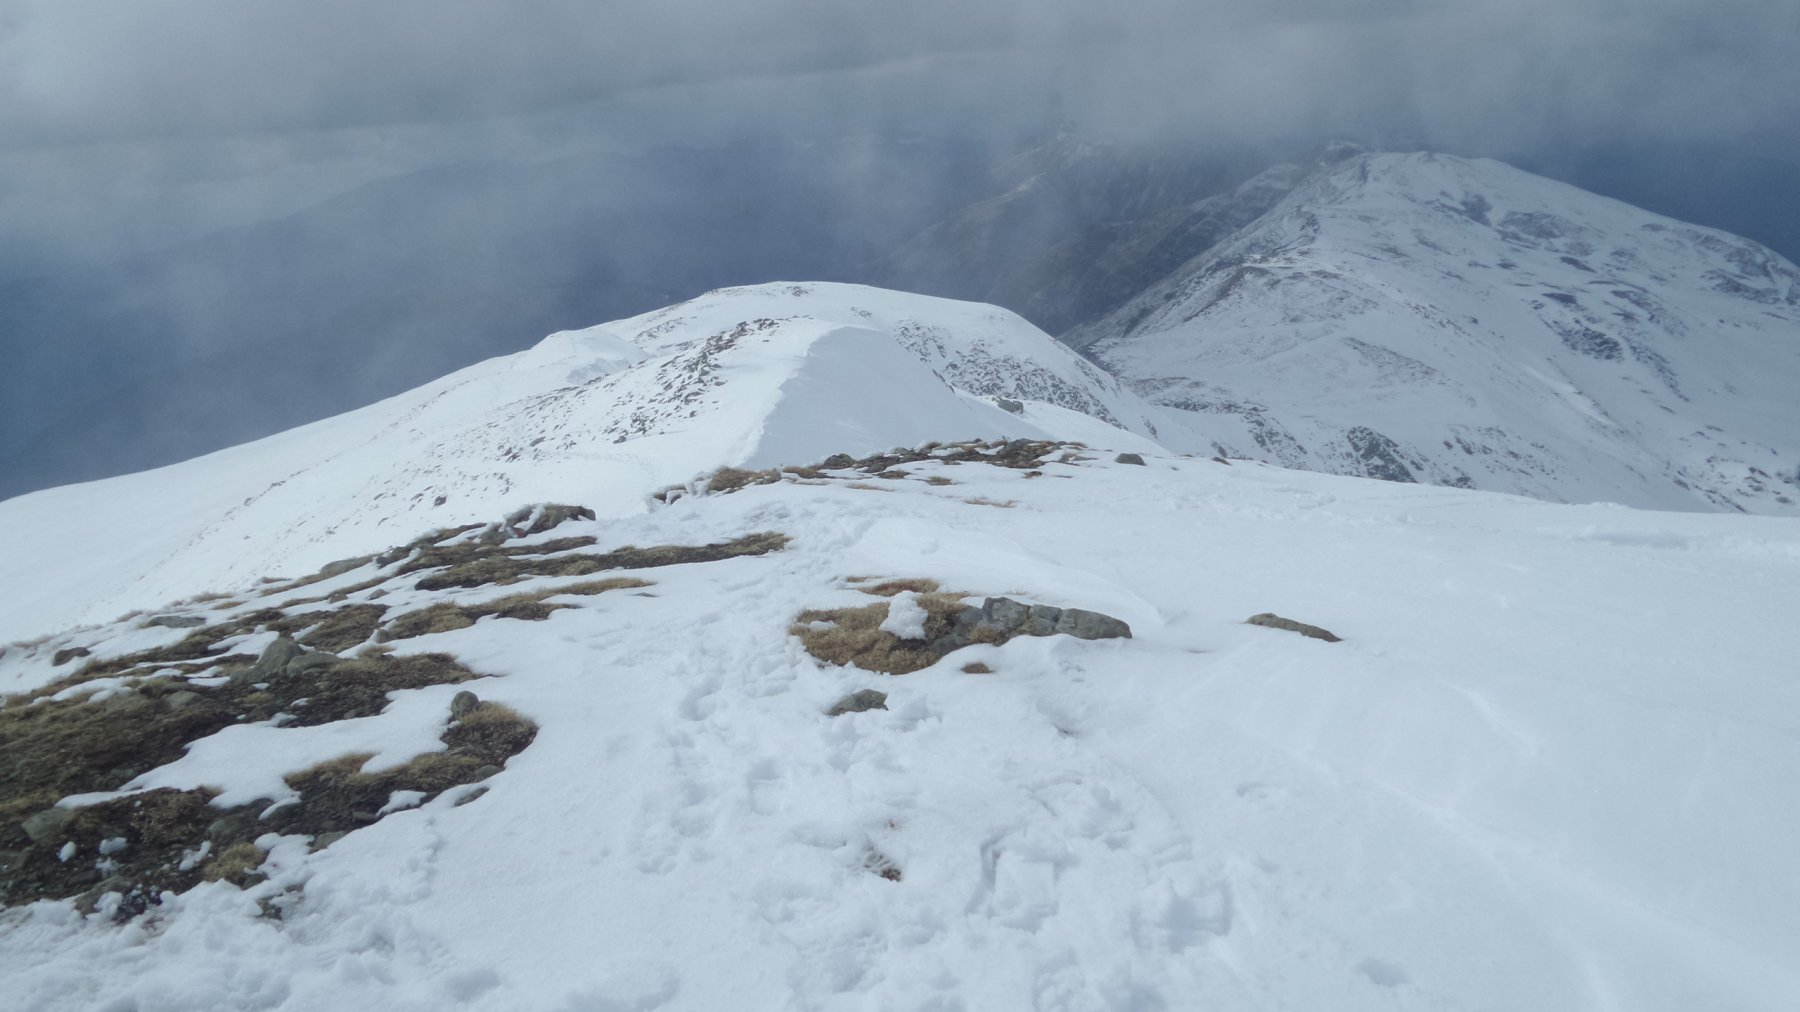 la cresta sommitale appena percorsa vista dalla cima